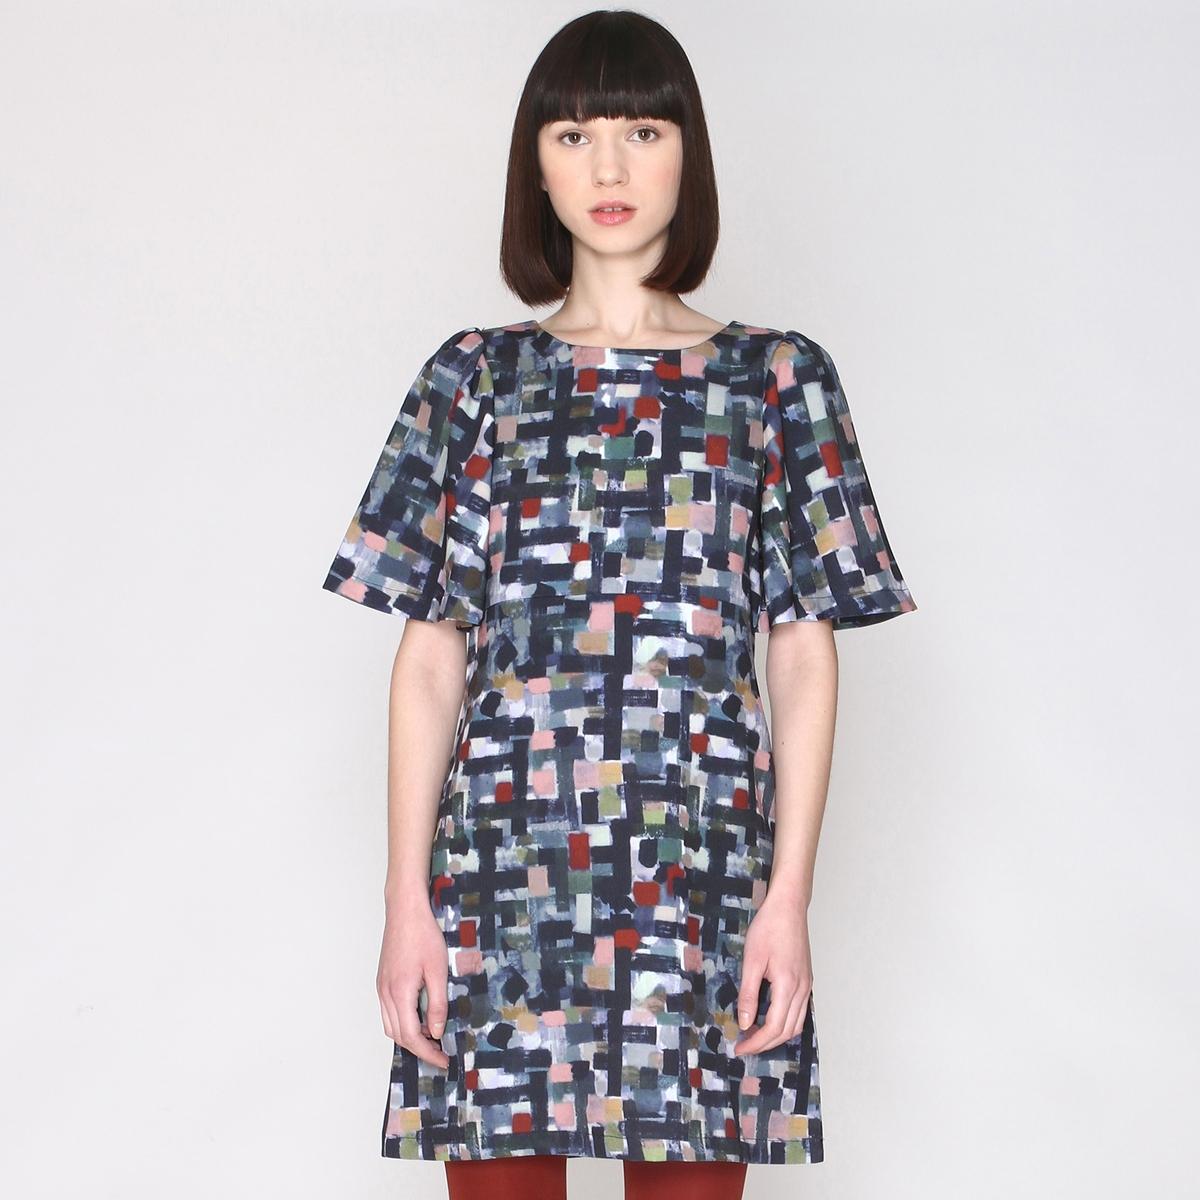 Платье прямое с рисунком, короткие рукаваэто красивое платье прямого покроя с рисунком в стиле мазков кистью !Состав и описаниеМатериал :  97% полиэстера, 3% эластана.Марка : PepalovesЗастежка : на молнию<br><br>Цвет: серый/ наб. рисунок<br>Размер: S